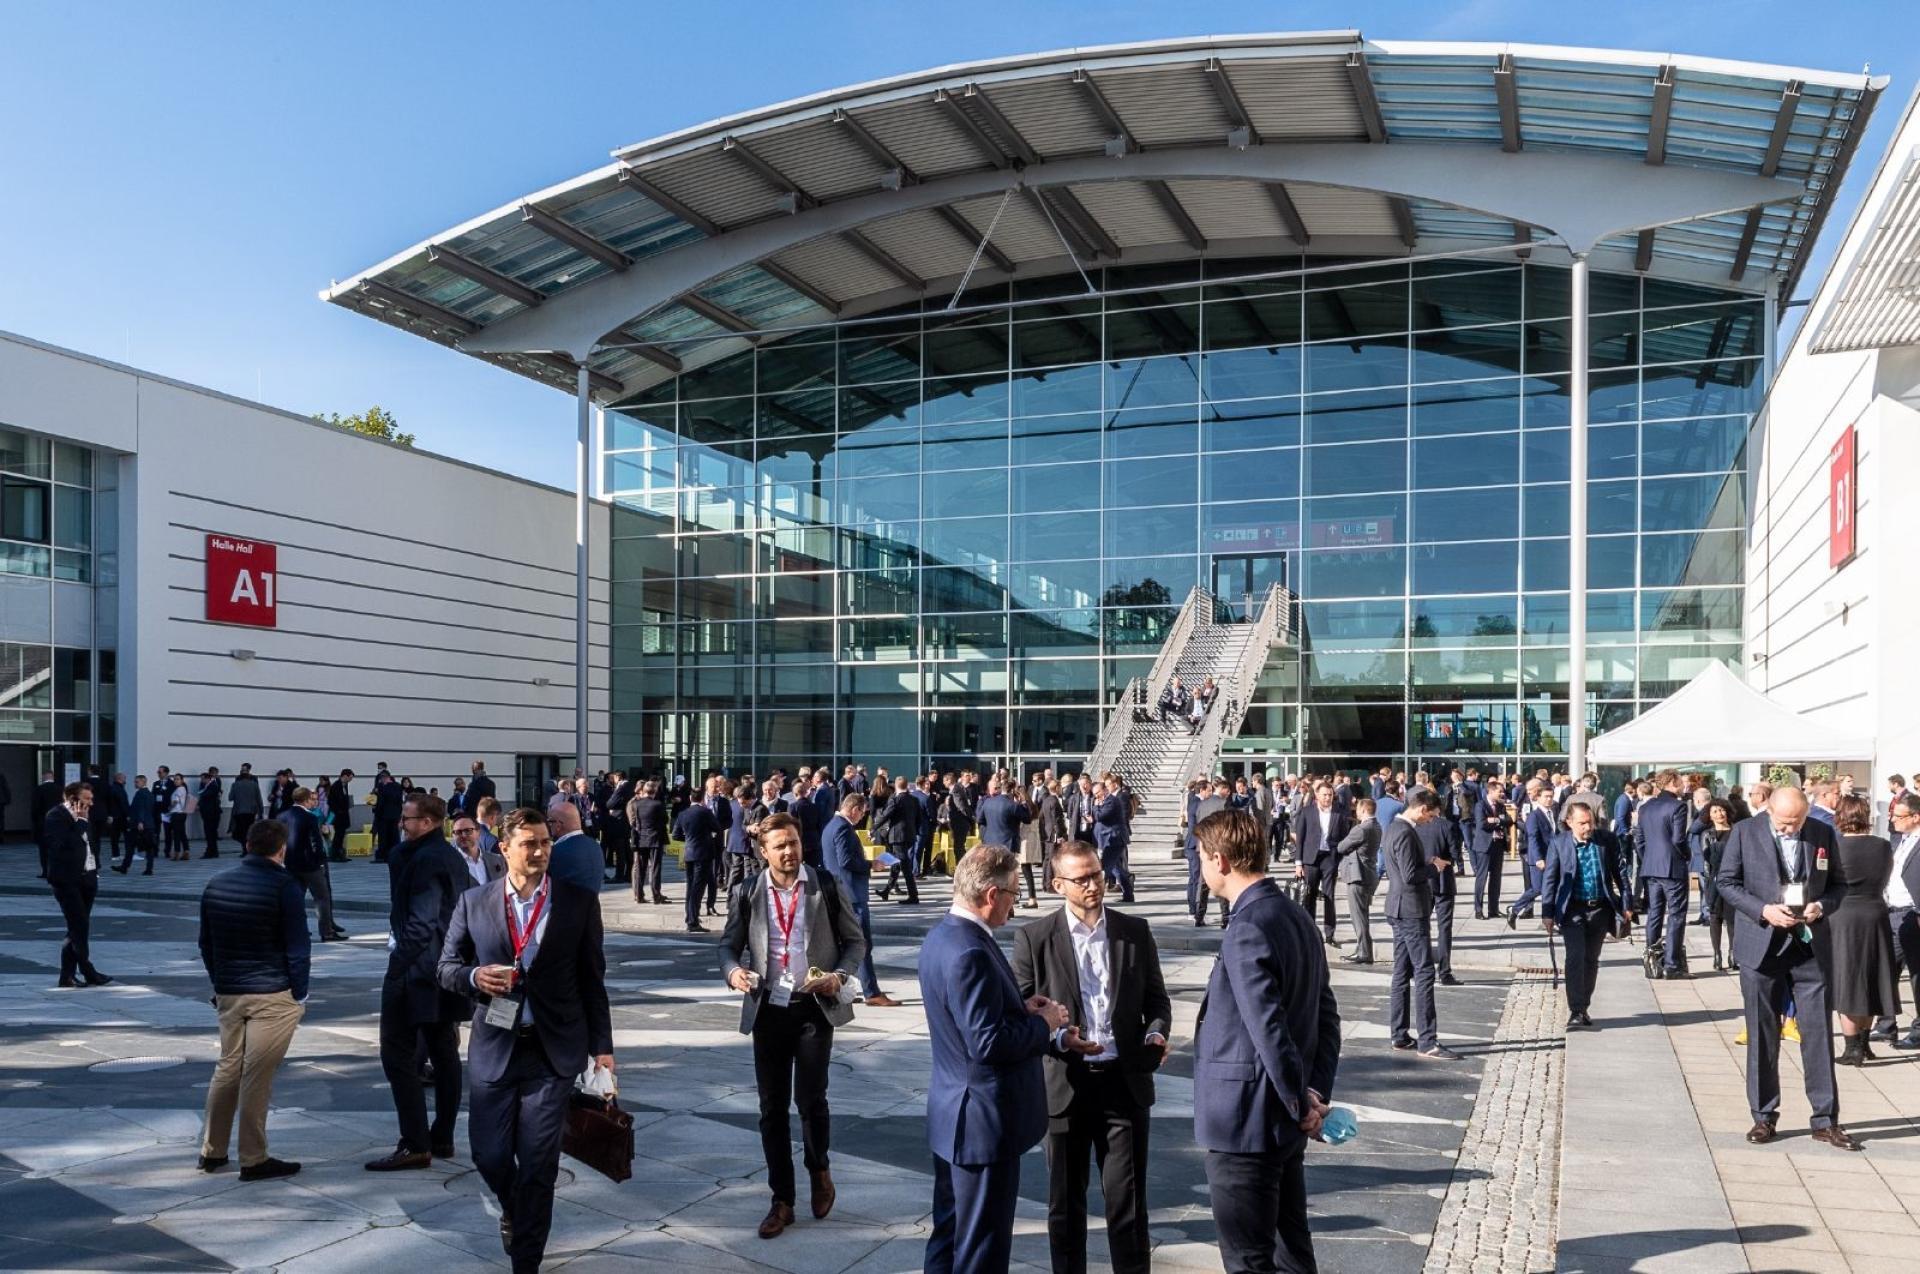 Wielkopolska na targach EXPO REAL 2021 w Monachium - zobacz więcej